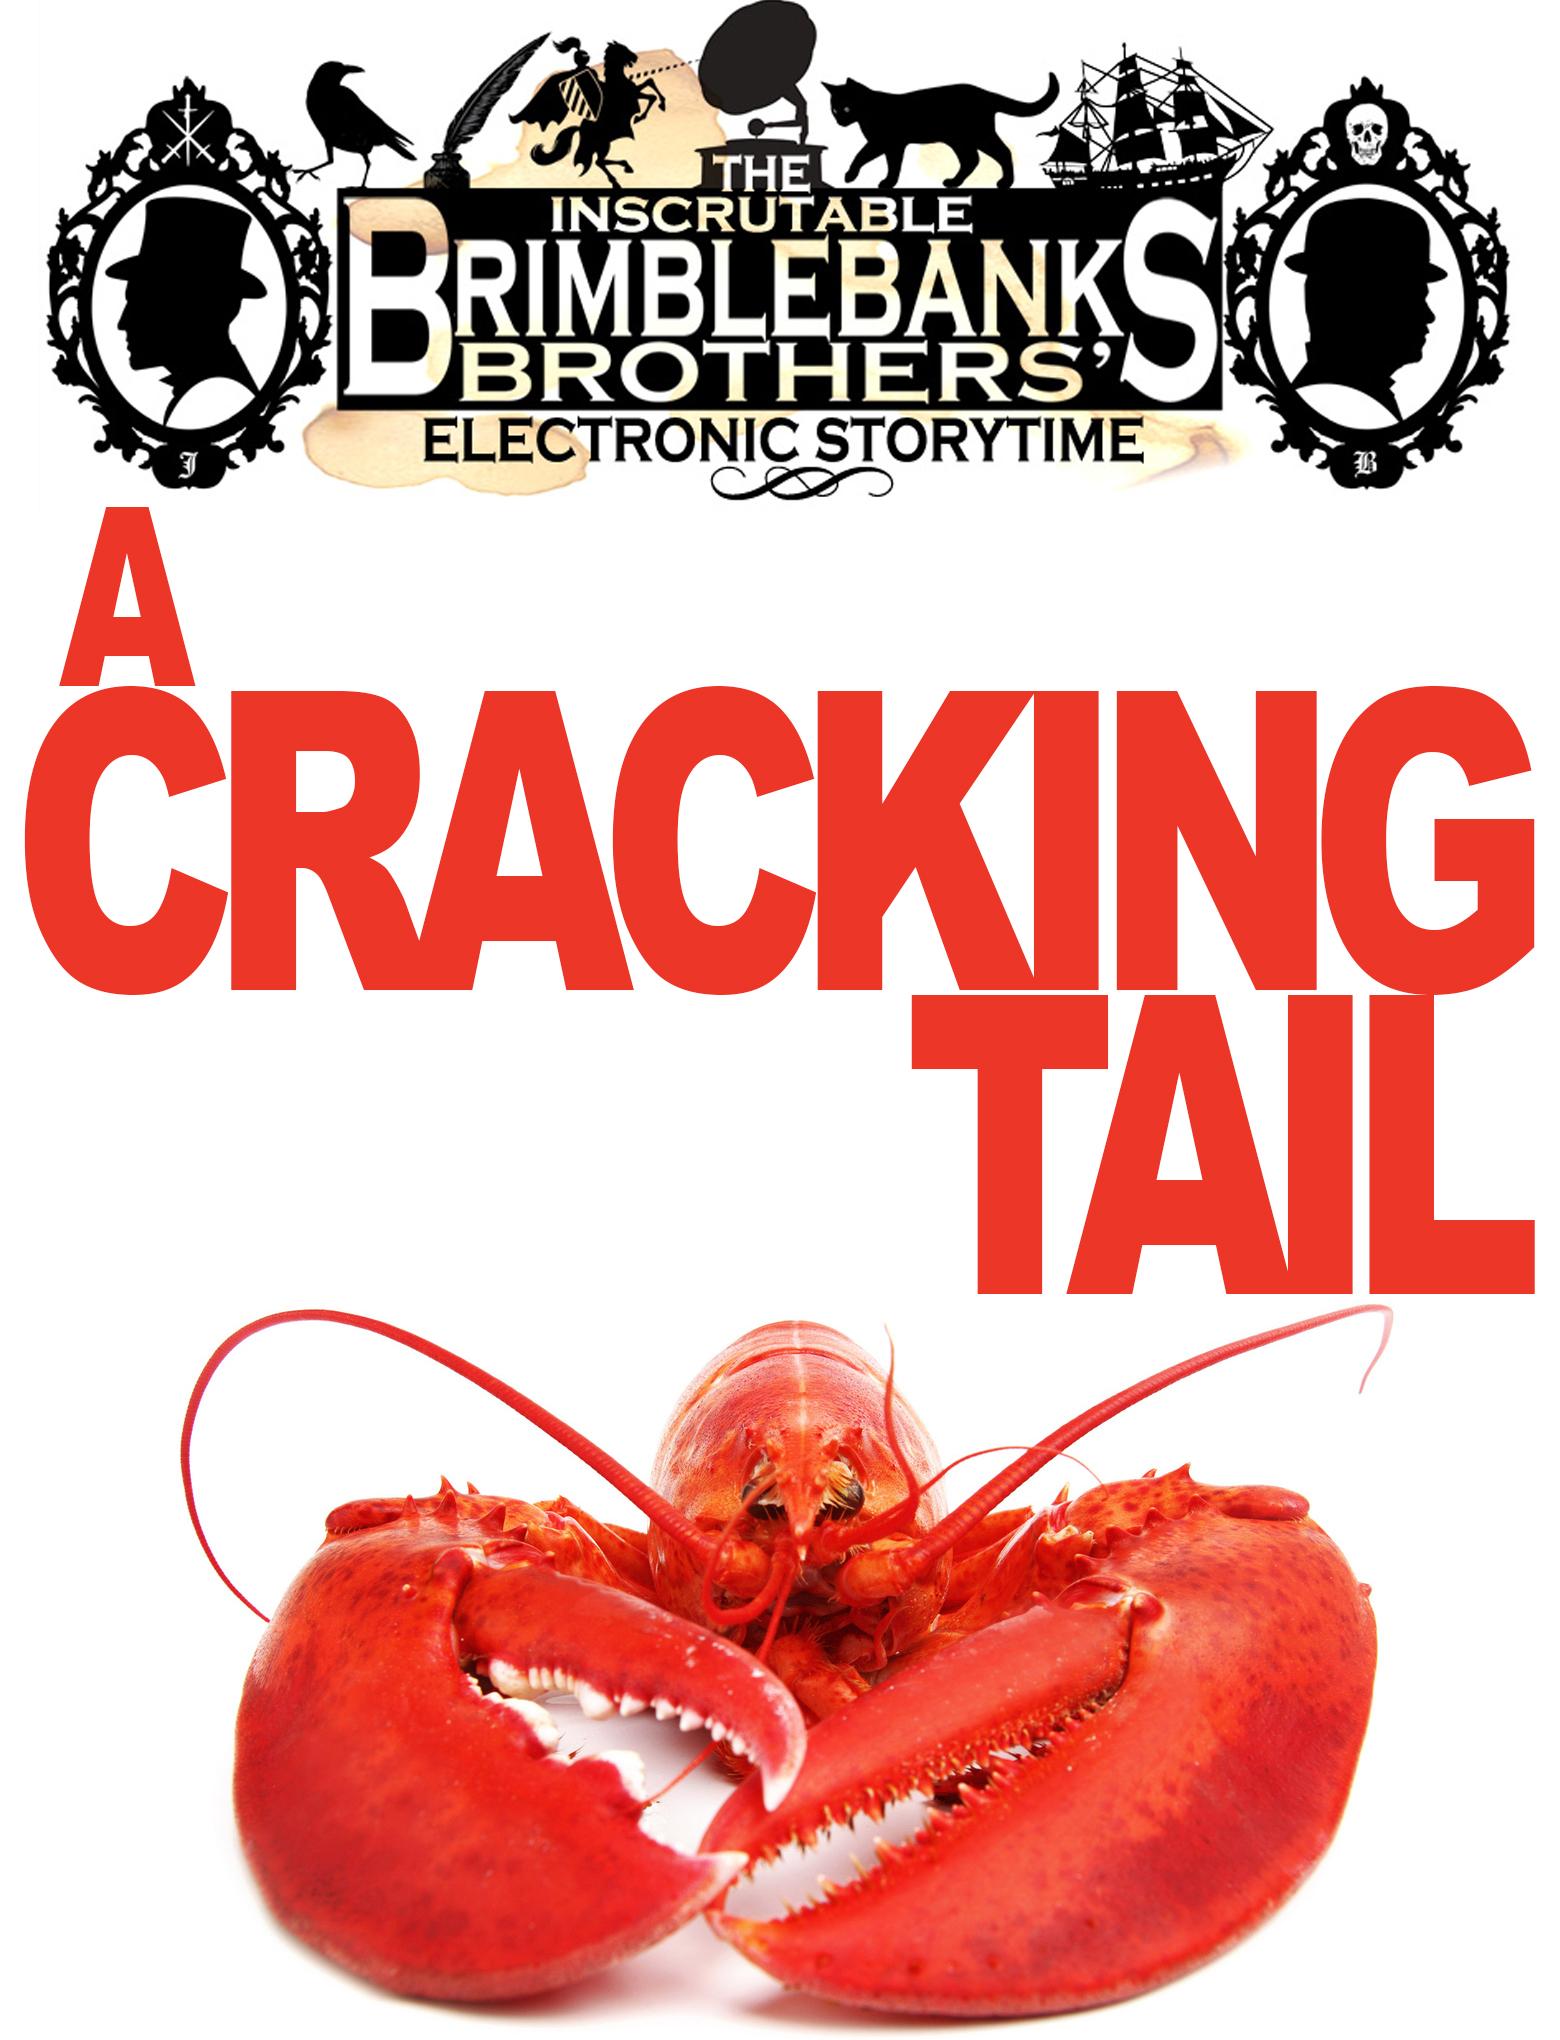 brimblebanks_acrackingtail